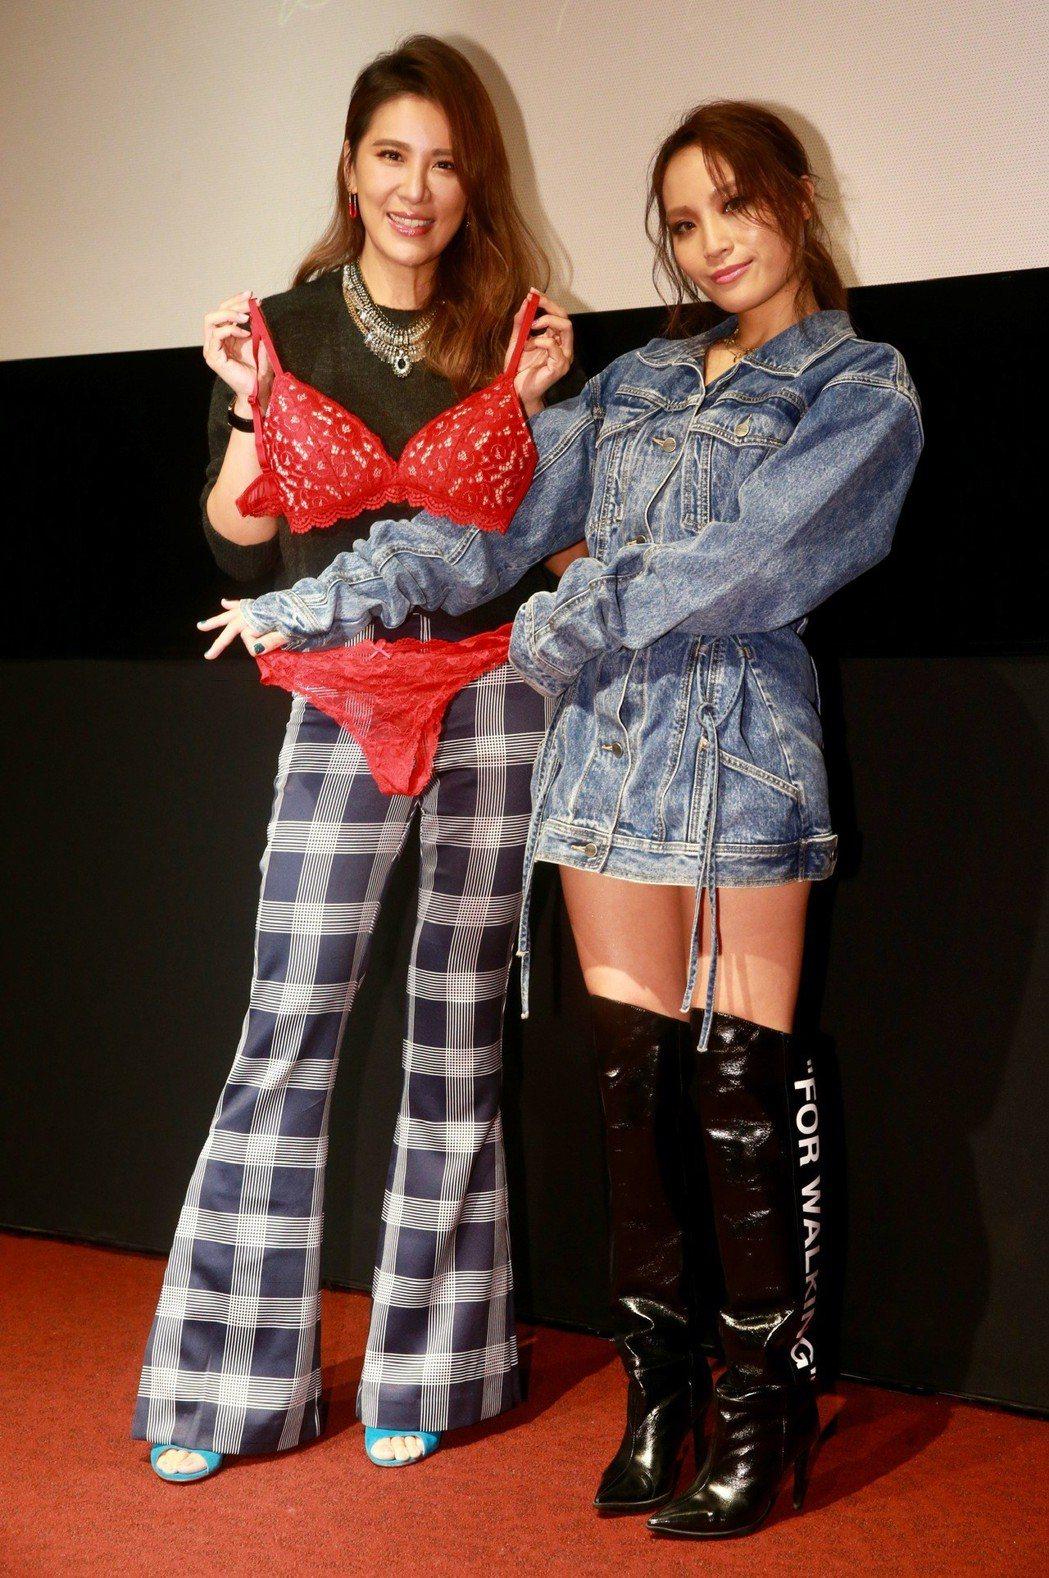 新生代歌手呂薔新專輯「你懂我說的嗎」9分鐘MV舉行首映會。影片女主角小禎送了一瓶